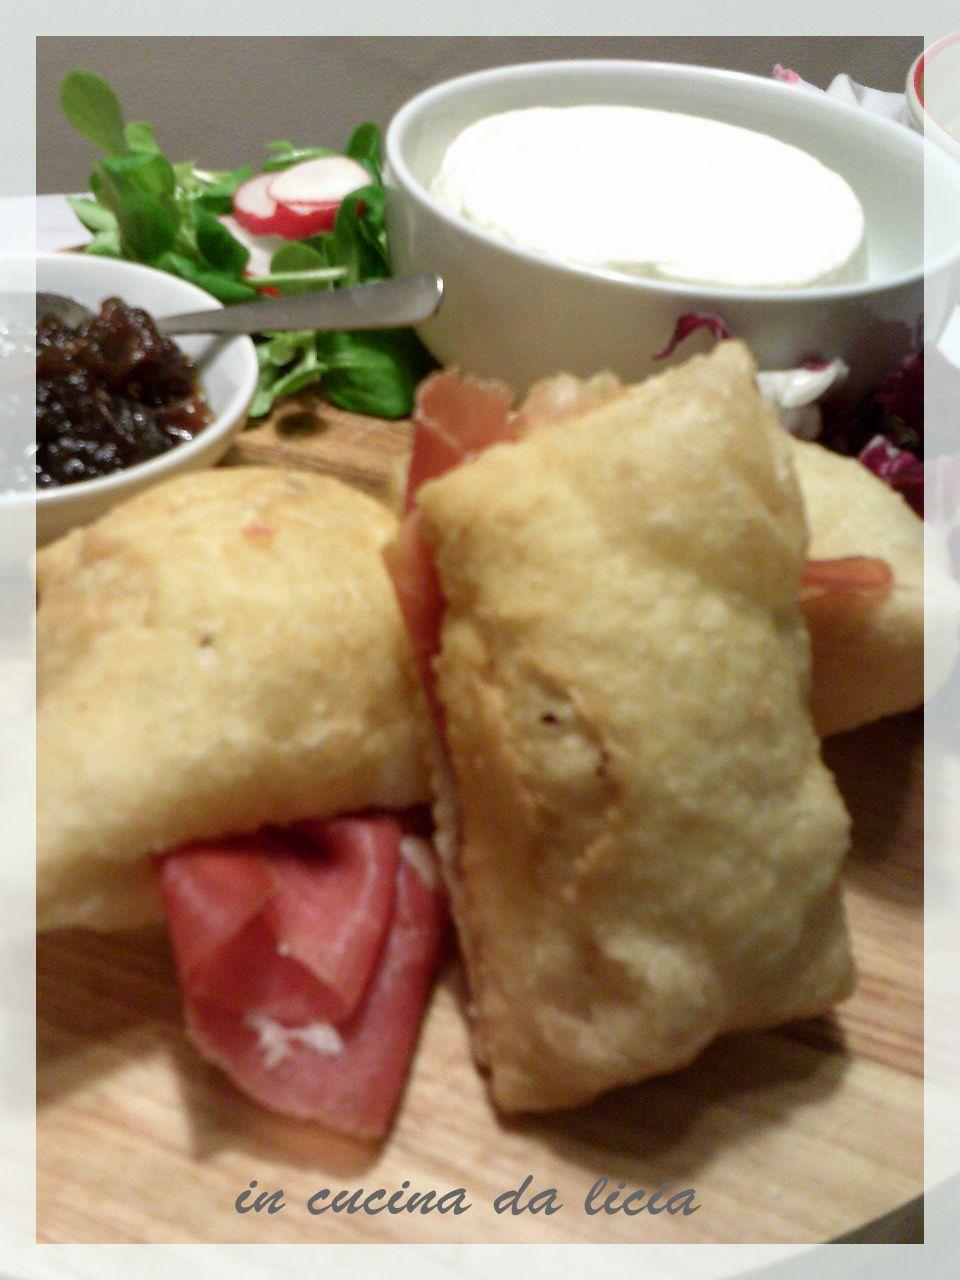 Piadina fritta gnocco fritto in cucina da licia - Gnocco in cucina ...